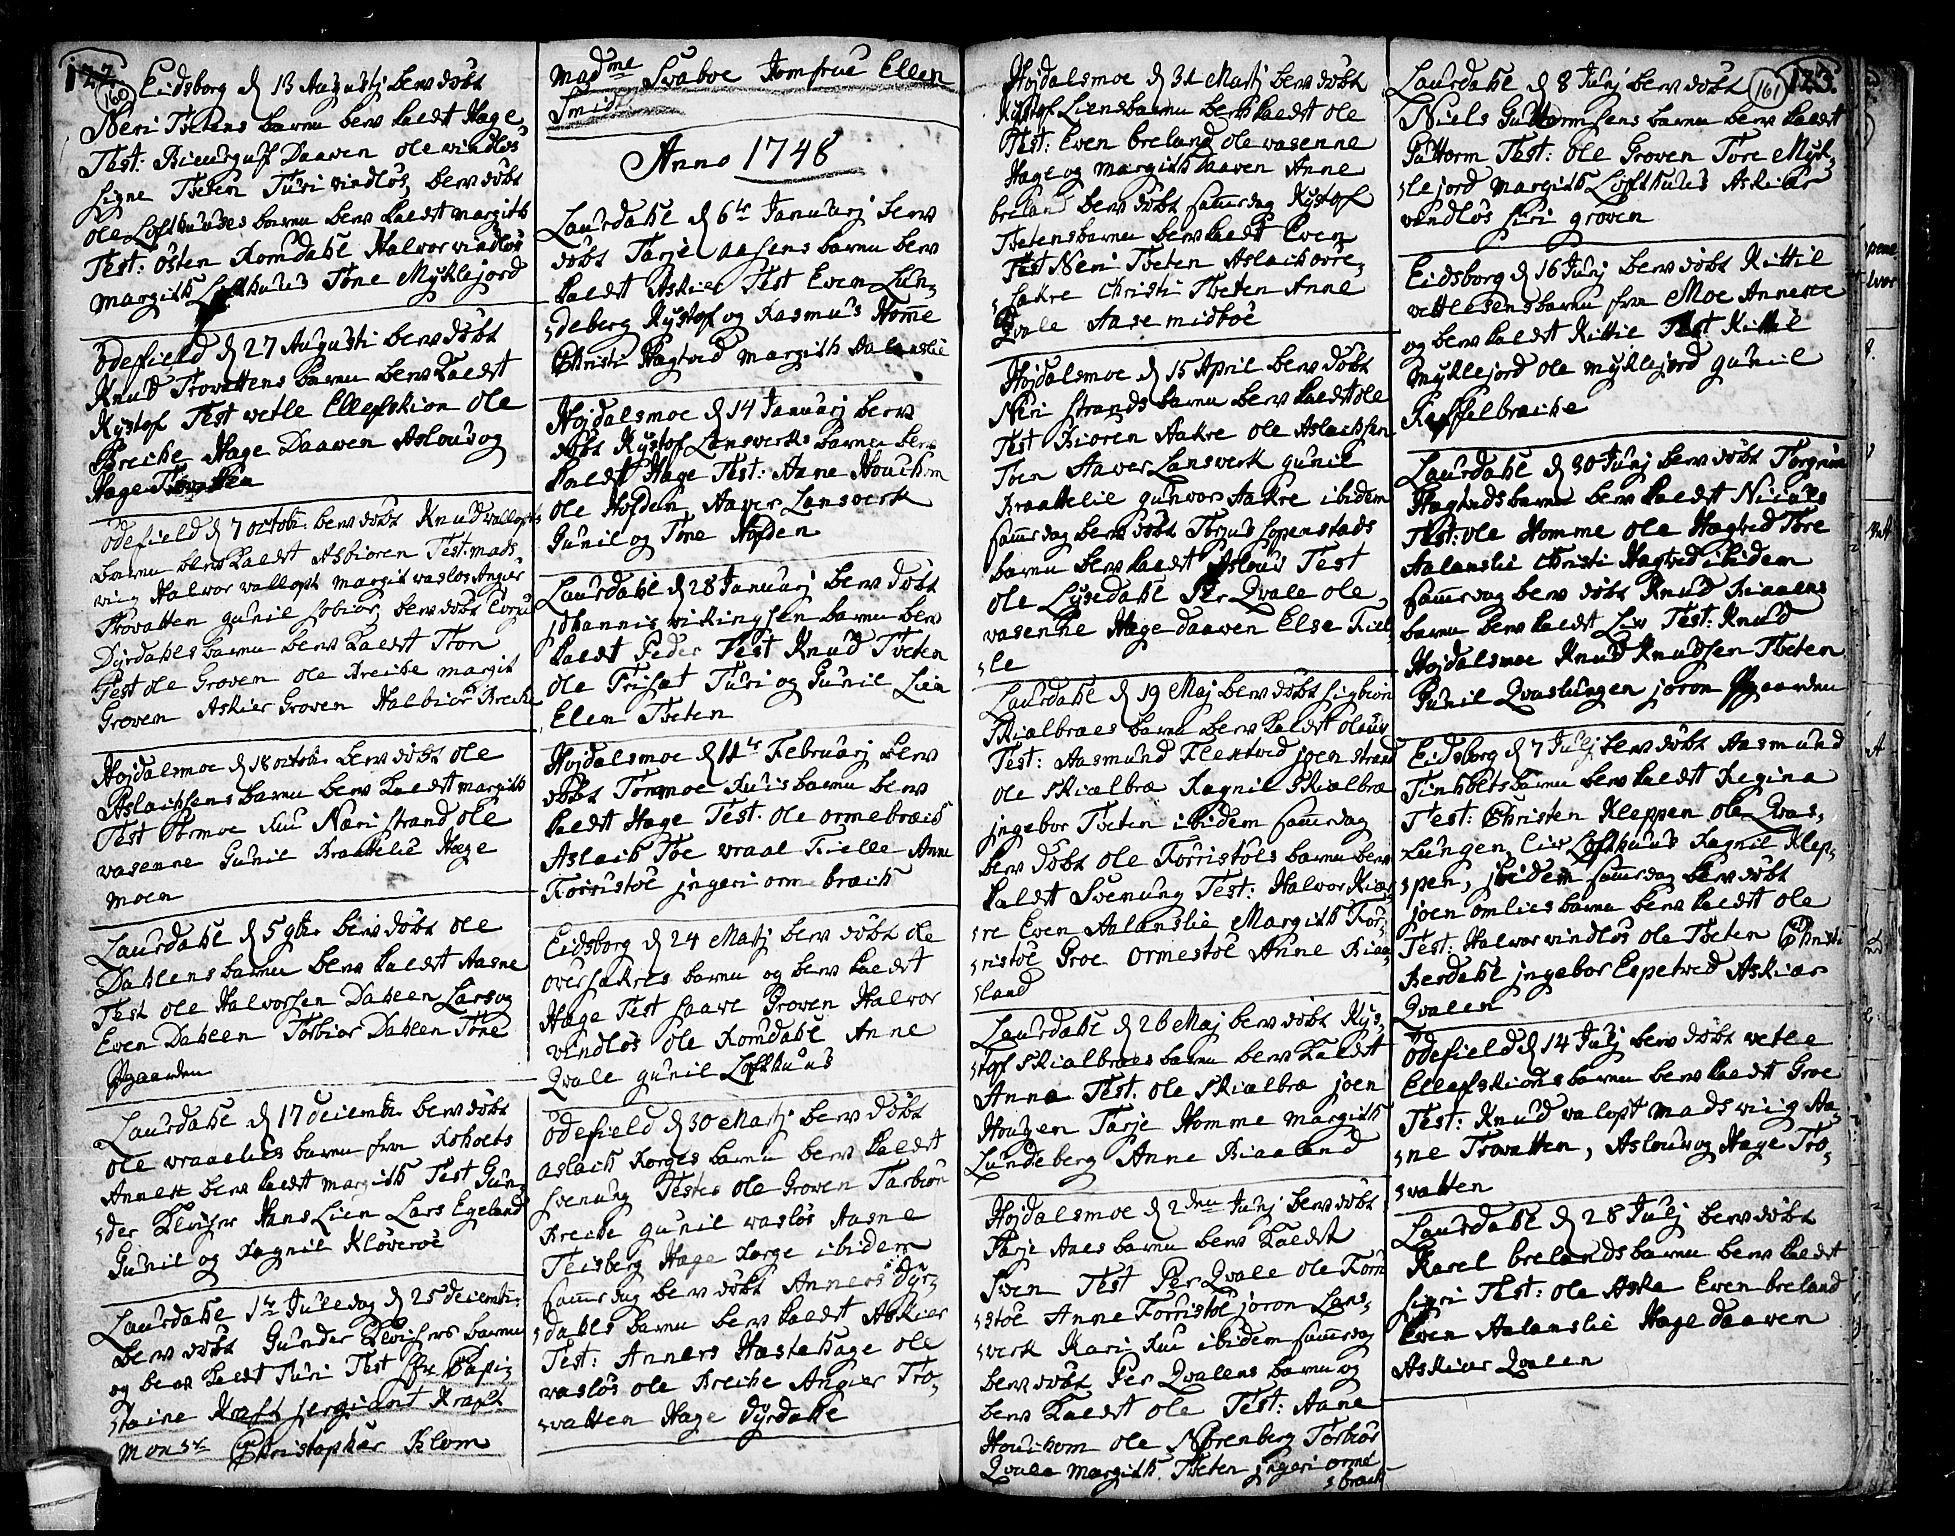 SAKO, Lårdal kirkebøker, F/Fa/L0002: Ministerialbok nr. I 2, 1734-1754, s. 160-161